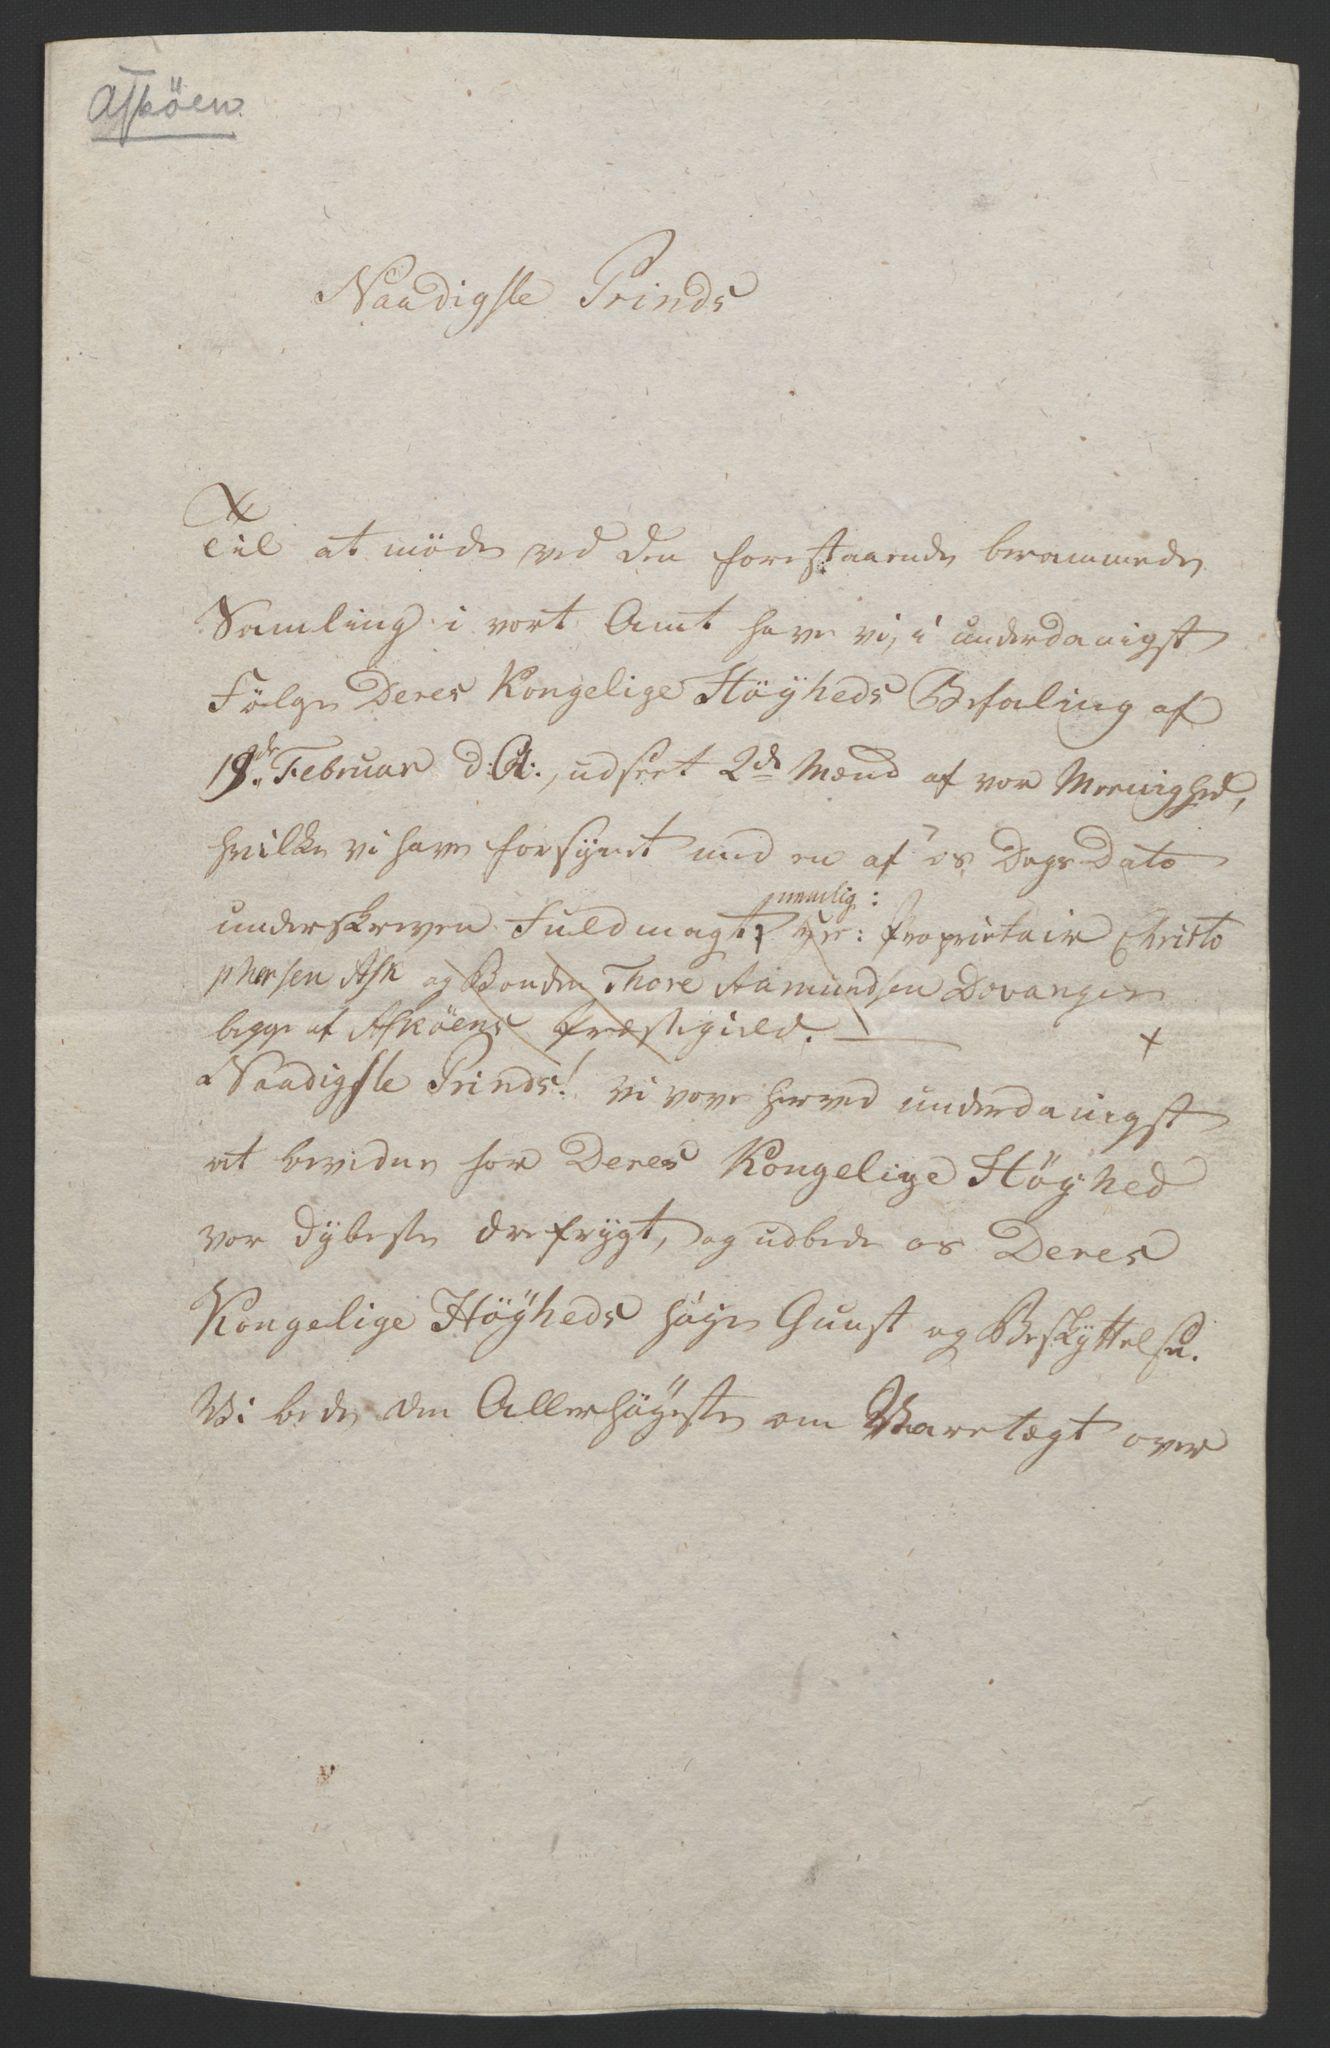 RA, Statsrådssekretariatet, D/Db/L0008: Fullmakter for Eidsvollsrepresentantene i 1814. , 1814, s. 266